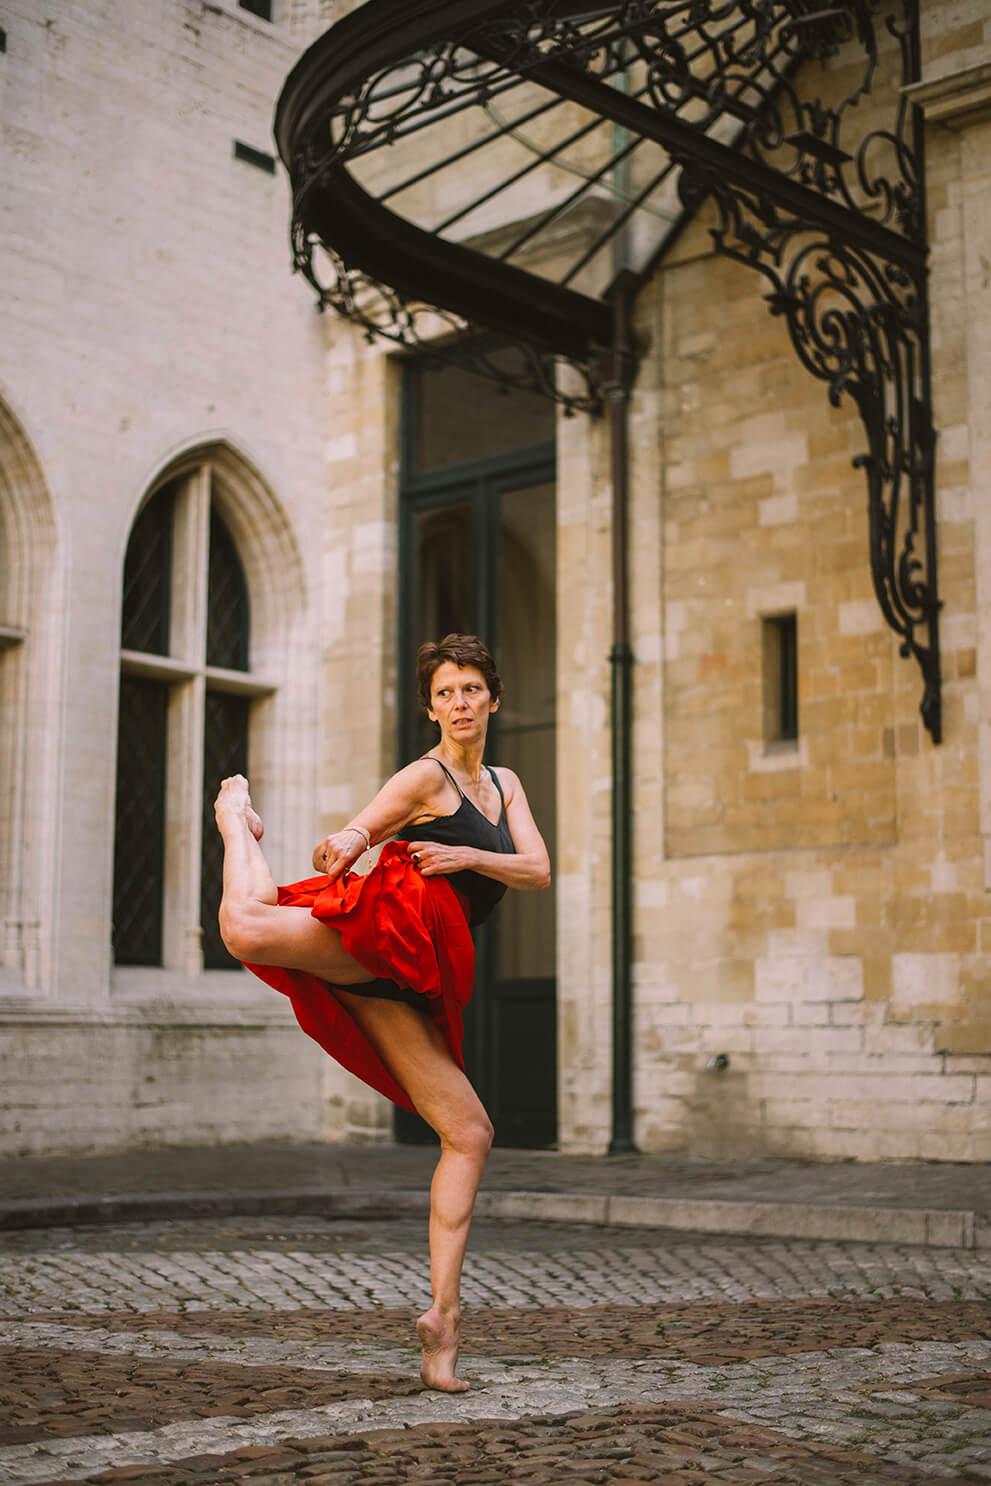 Photographie de danse de Tina Riccardi par Laura Van Puymbroeck